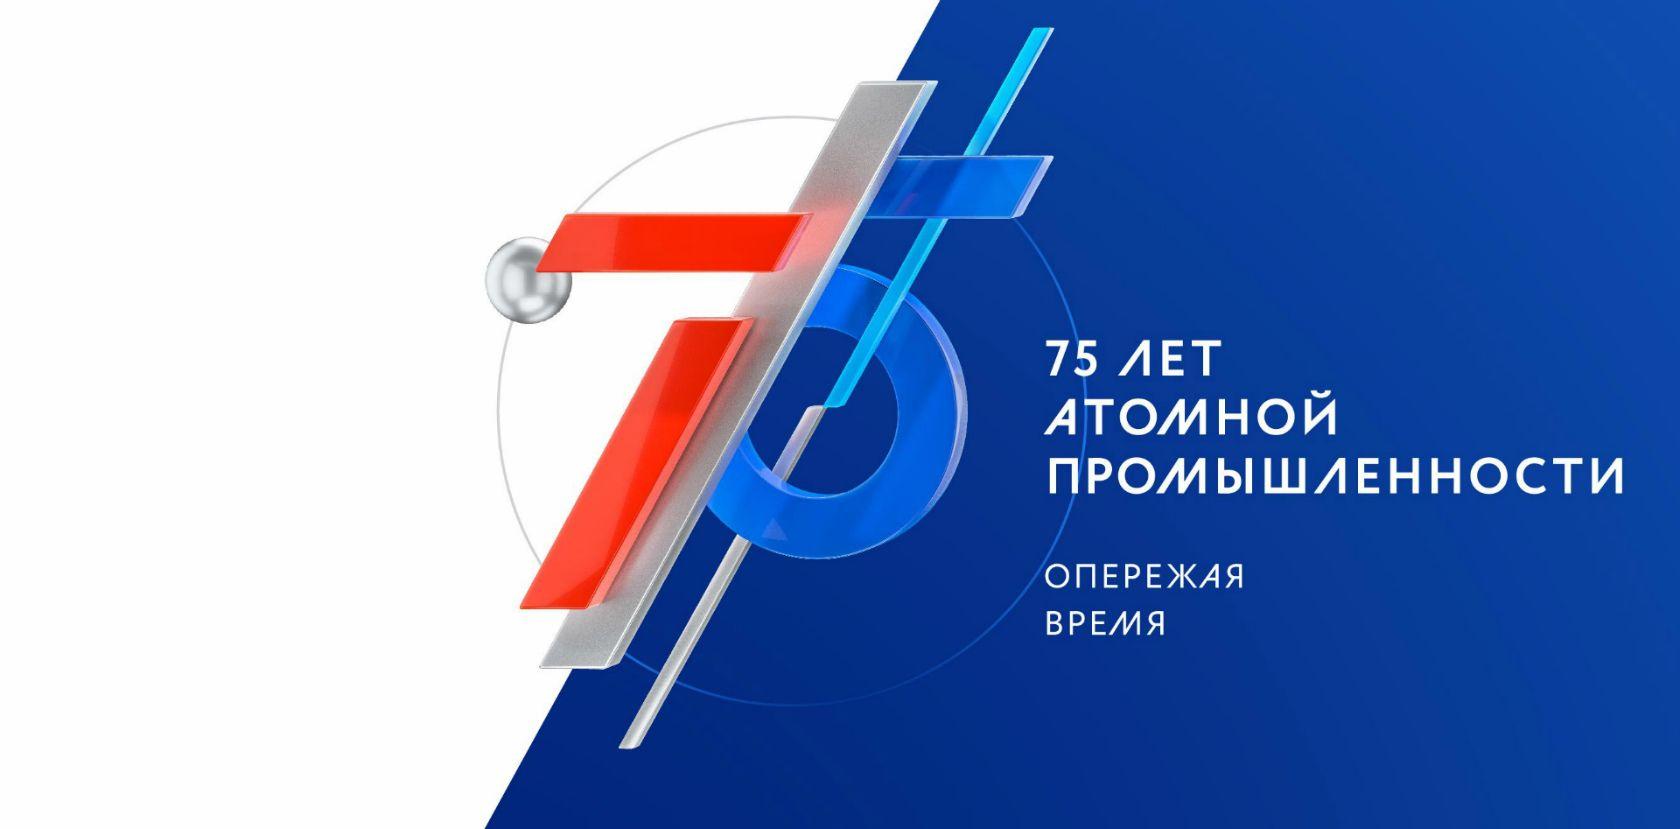 Открытый конкурс «Атом рядом», посвящённый 75-летию атомной промышленности России